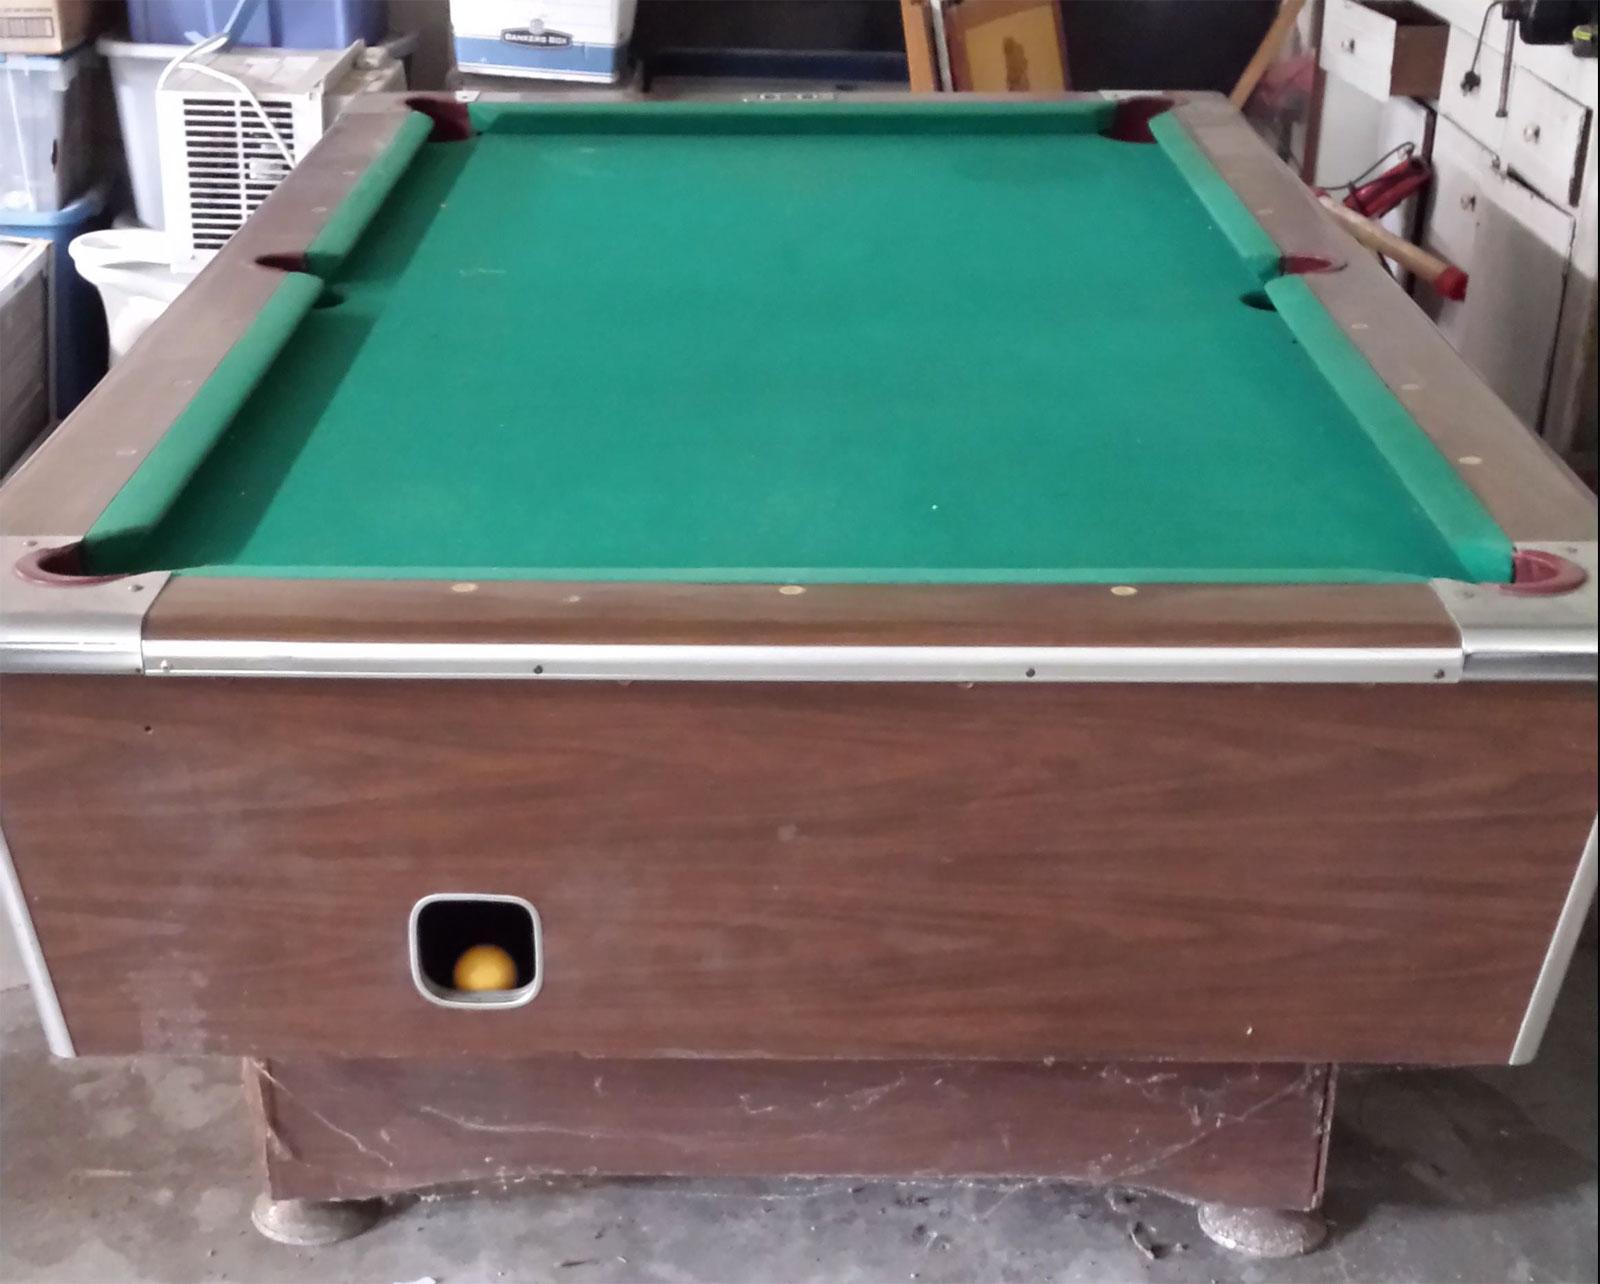 US Billiards Inc Coin Op Pool Table Value - Us billiards pool table